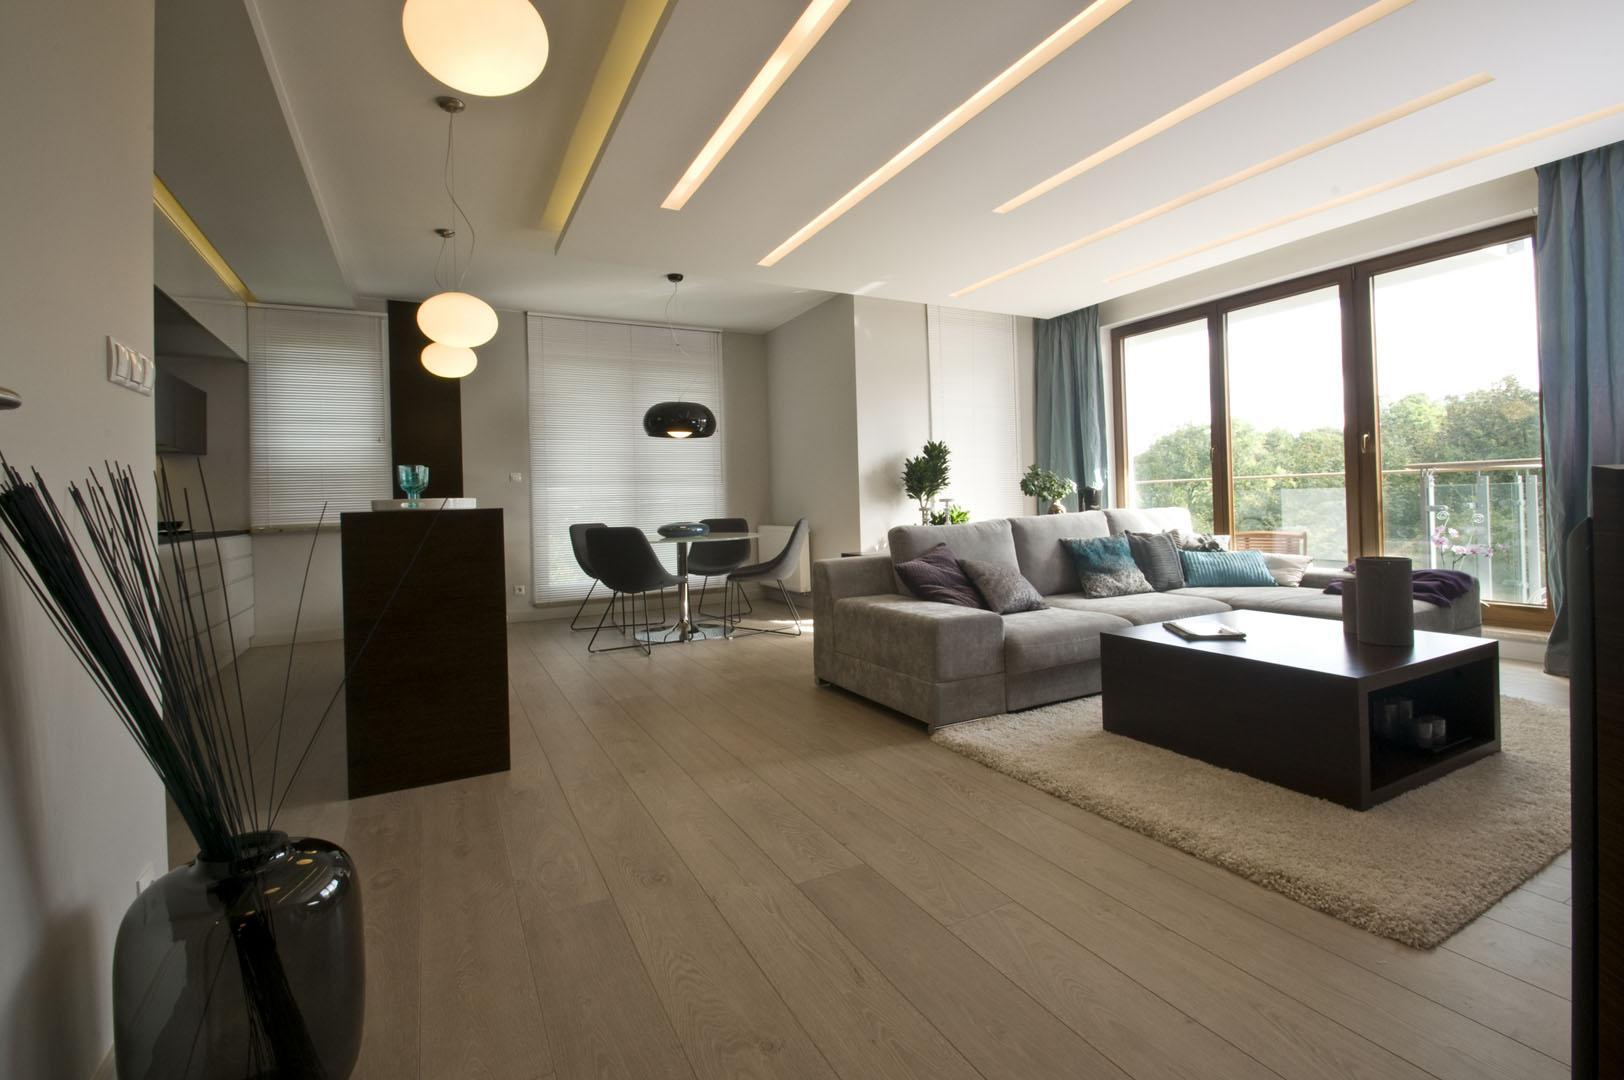 Apartament w Gdańsku 2010 - 02 wyspa kuchenna stół z krzesłami lampy sofa stolik